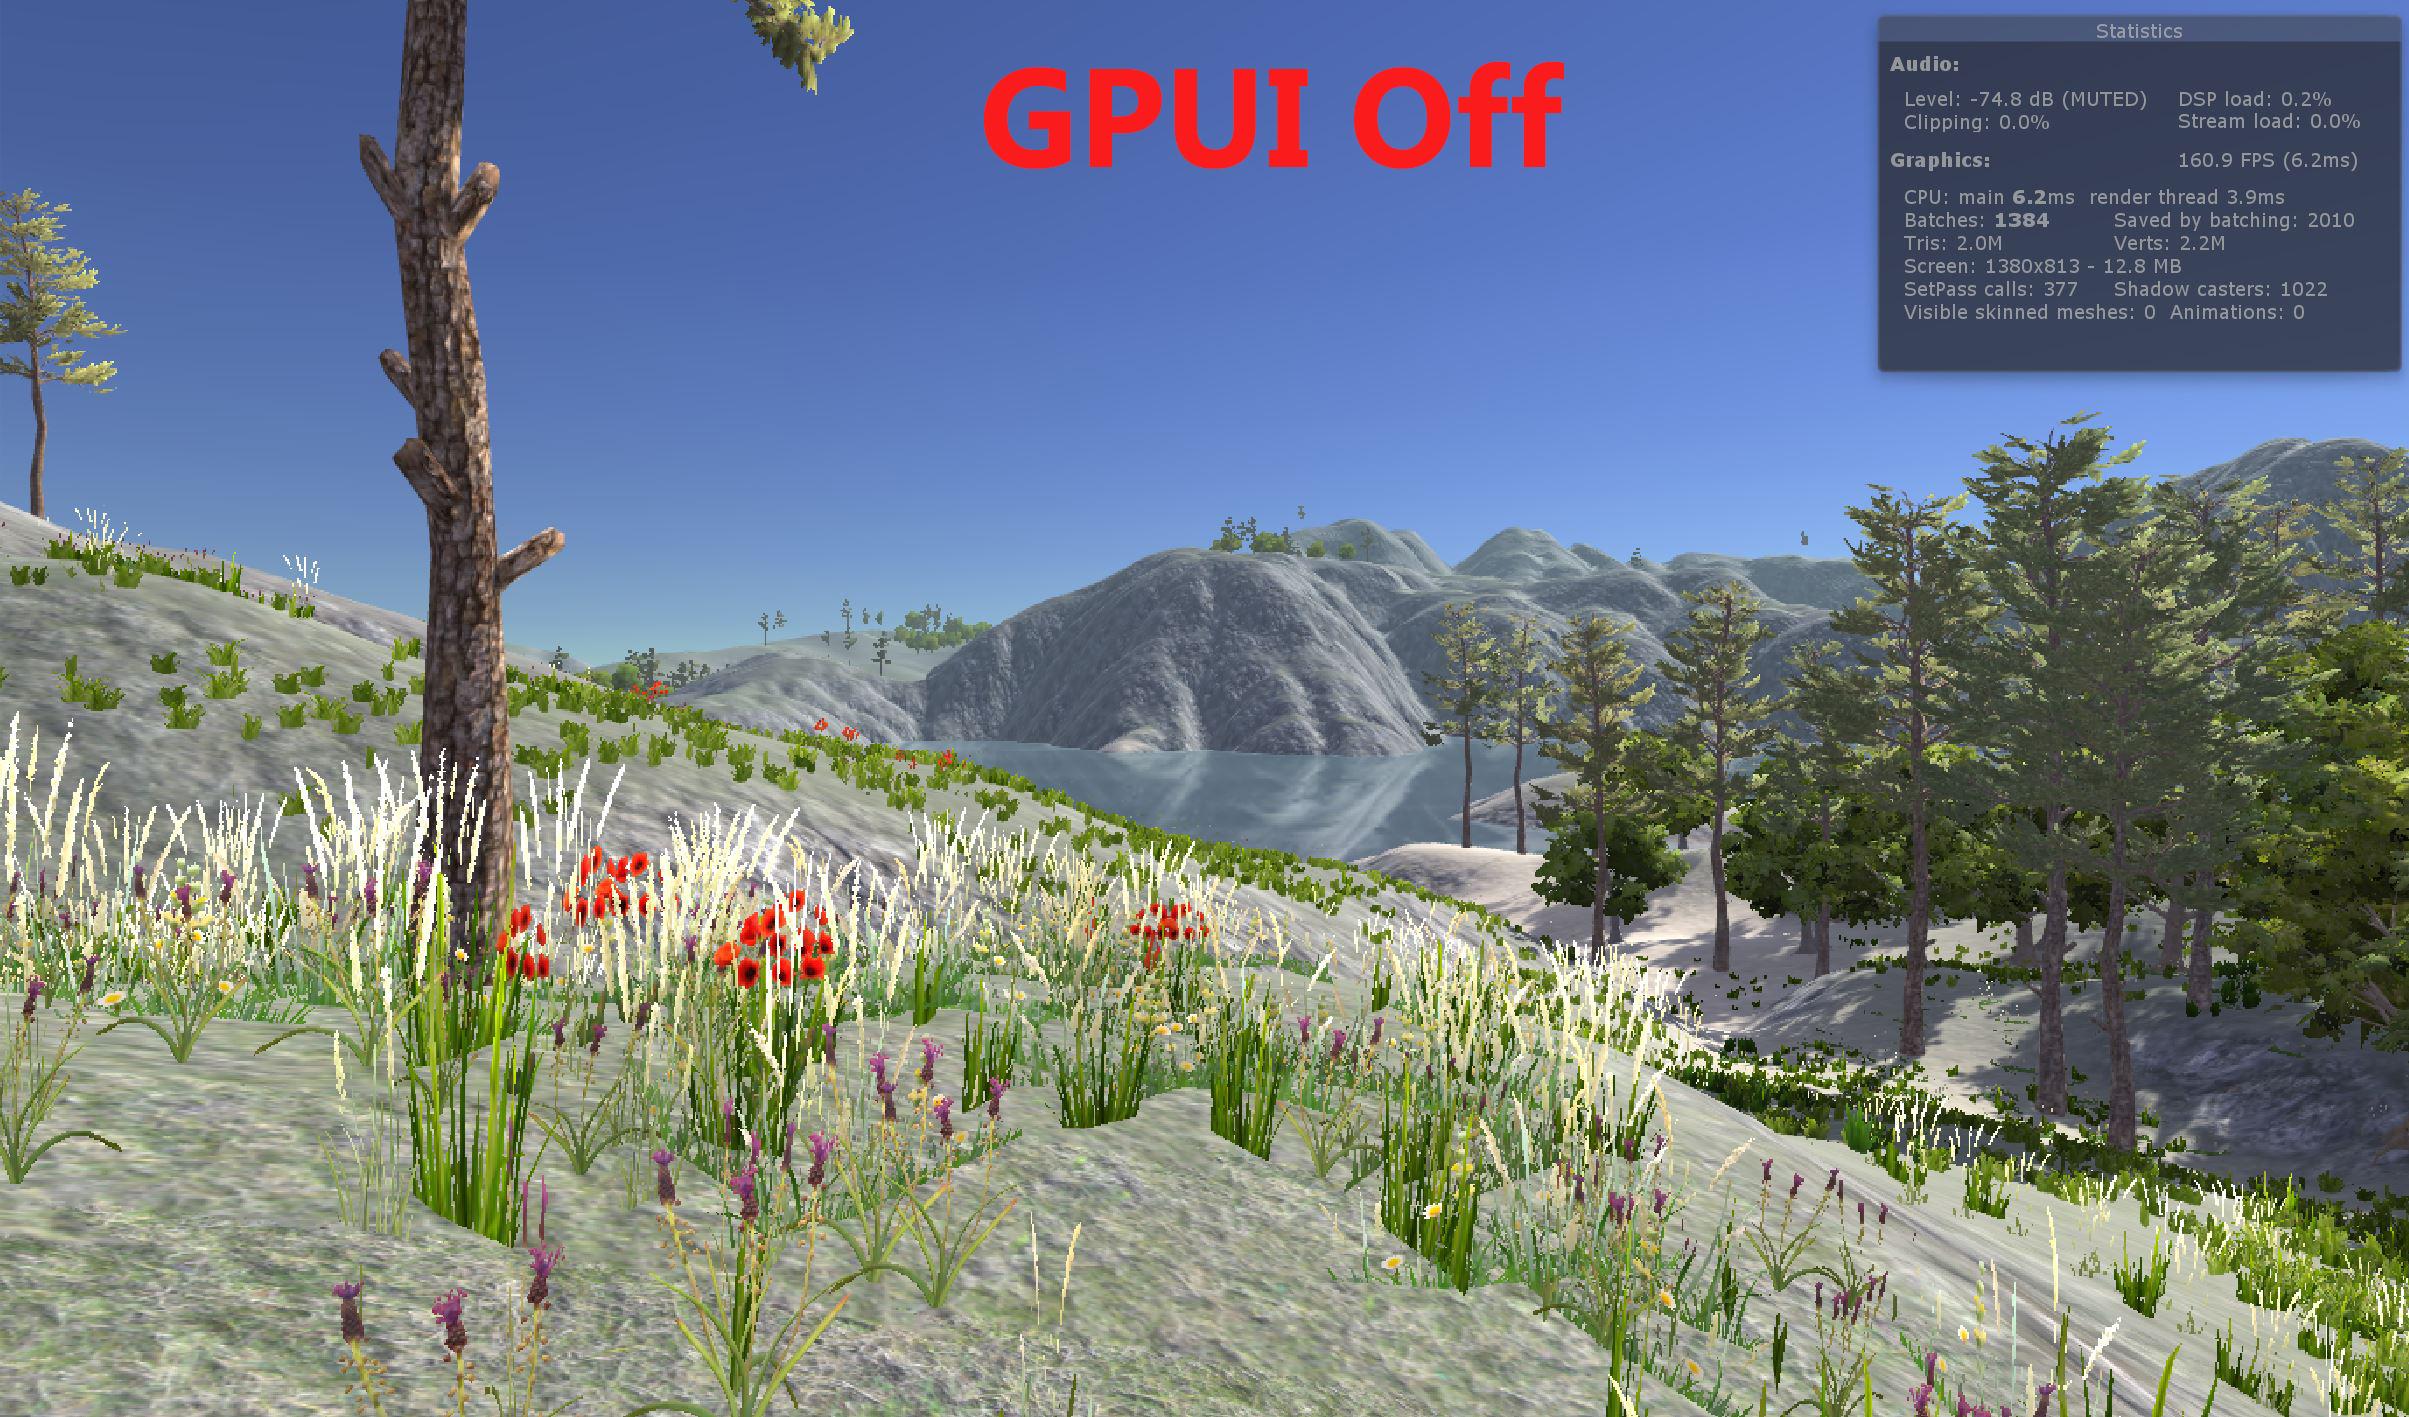 GPUI-GaiaSimpleOFF.JPG